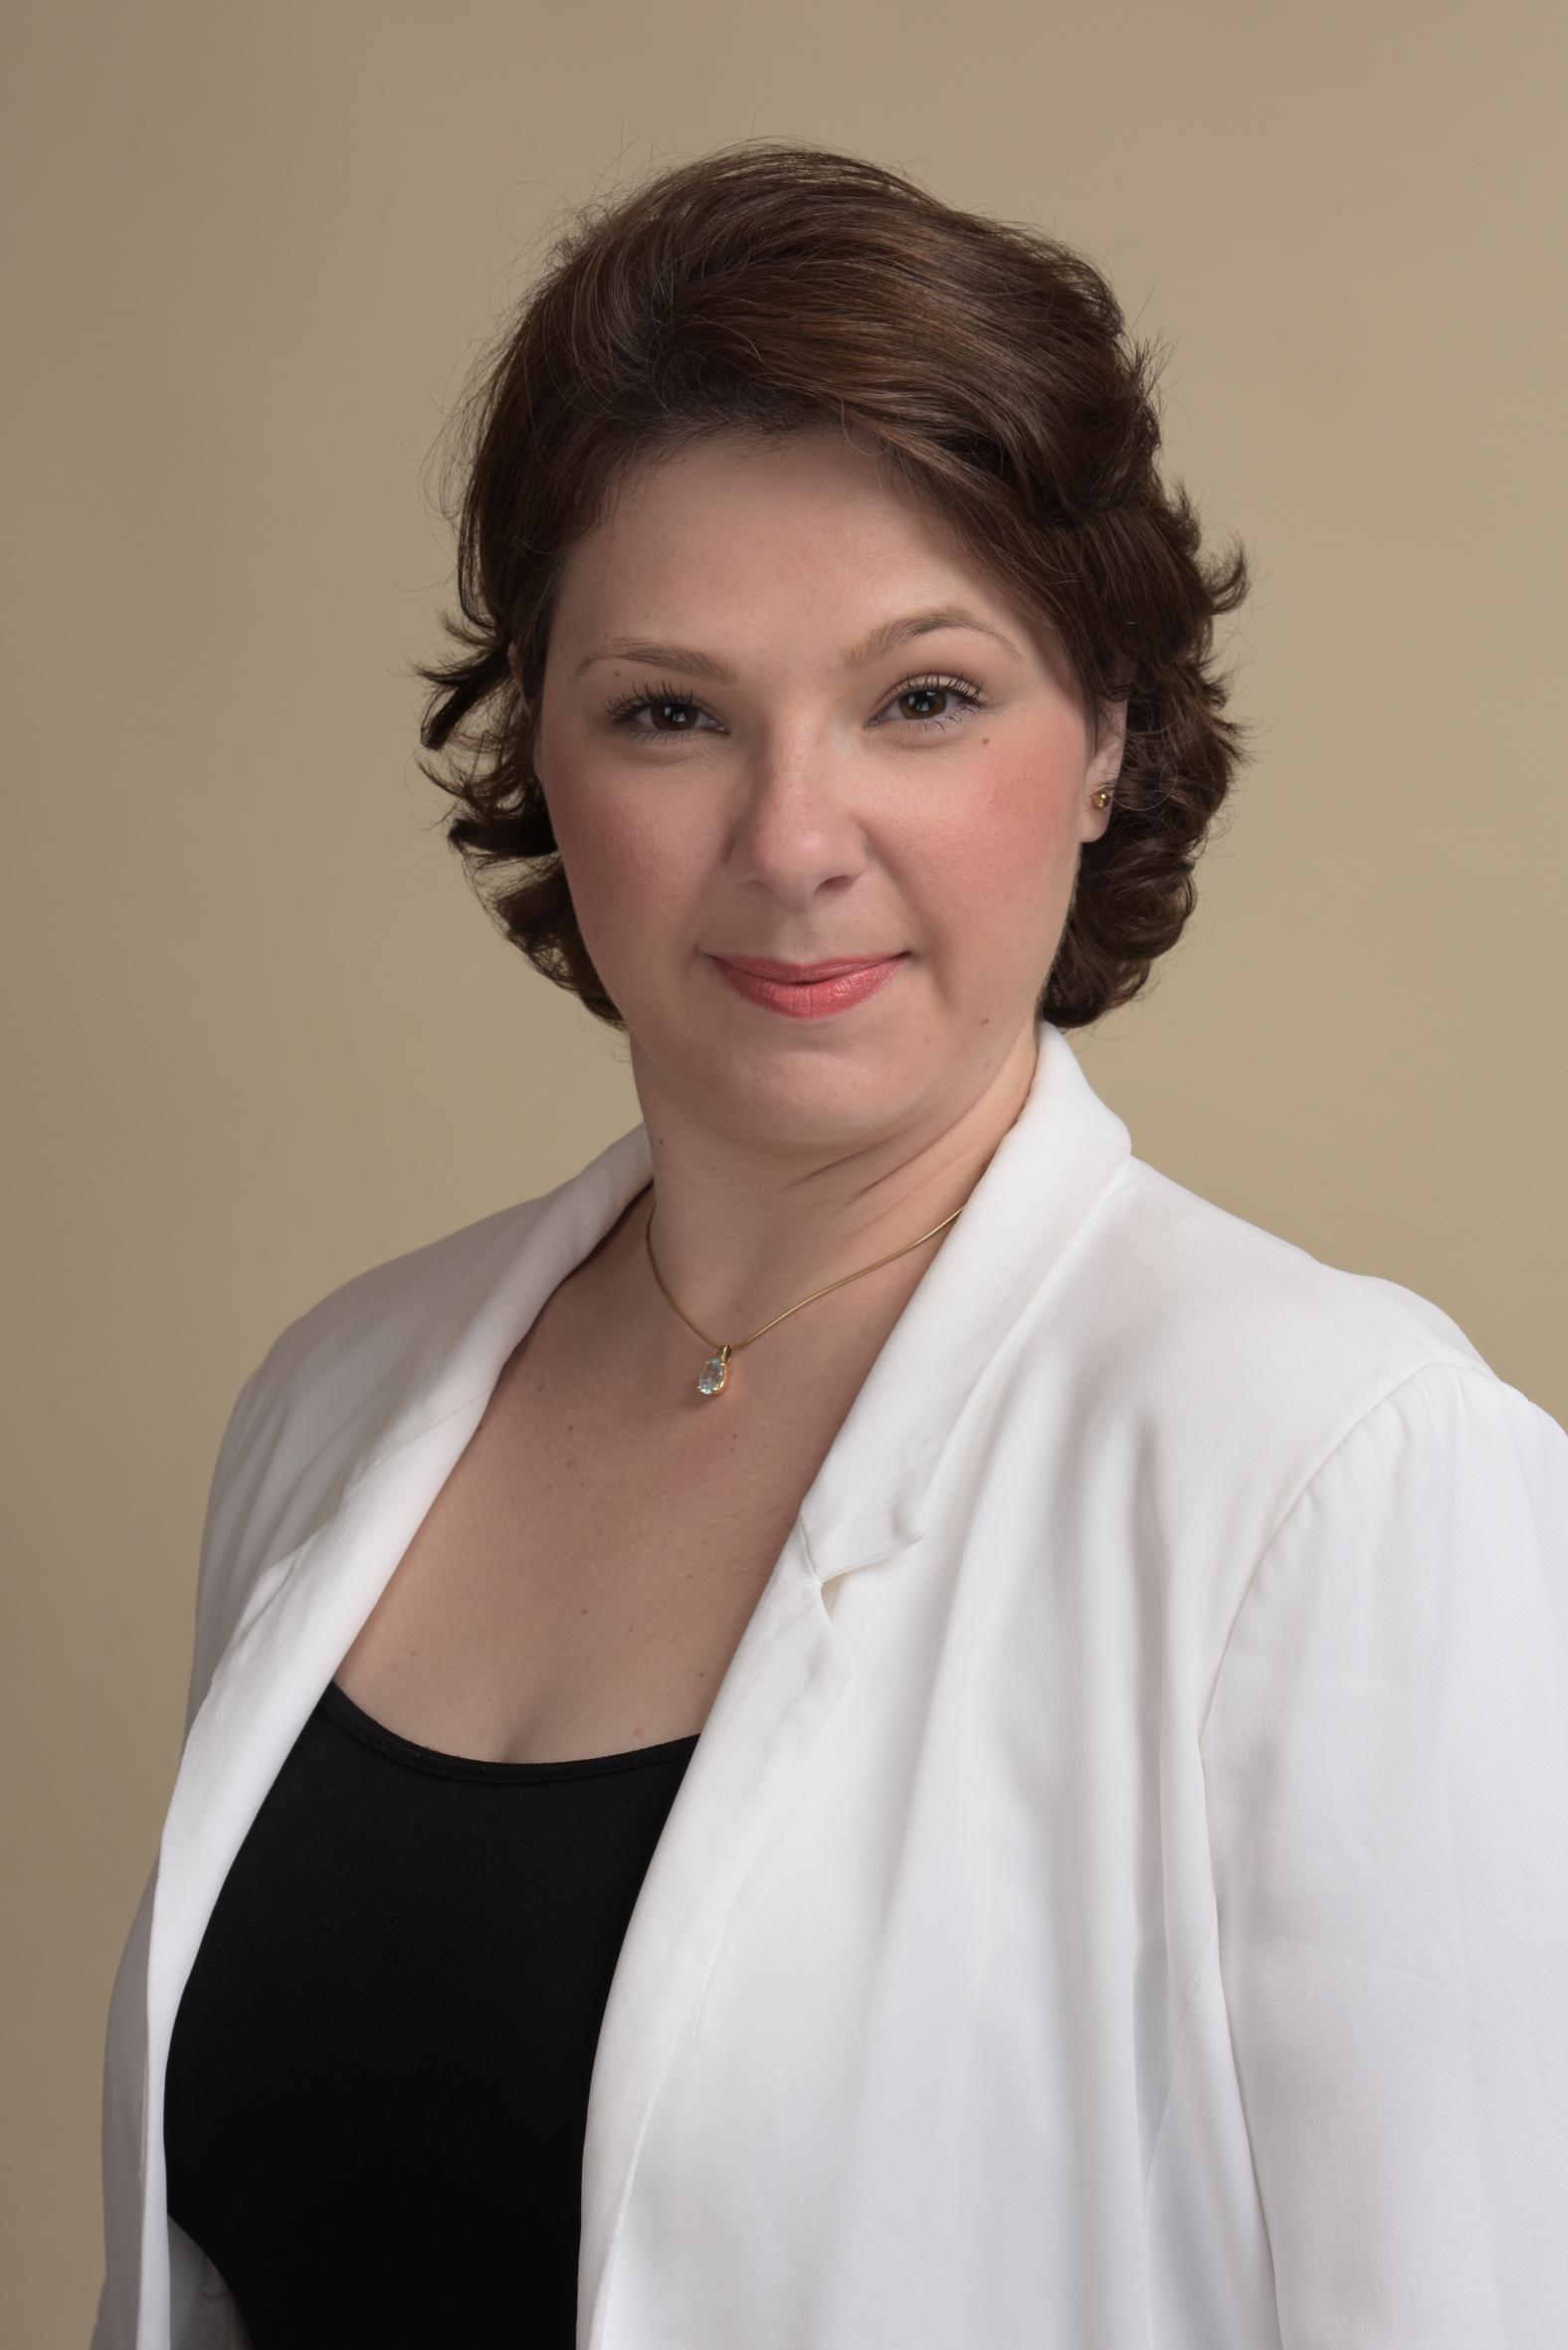 Dra. NATALIA BELLAN